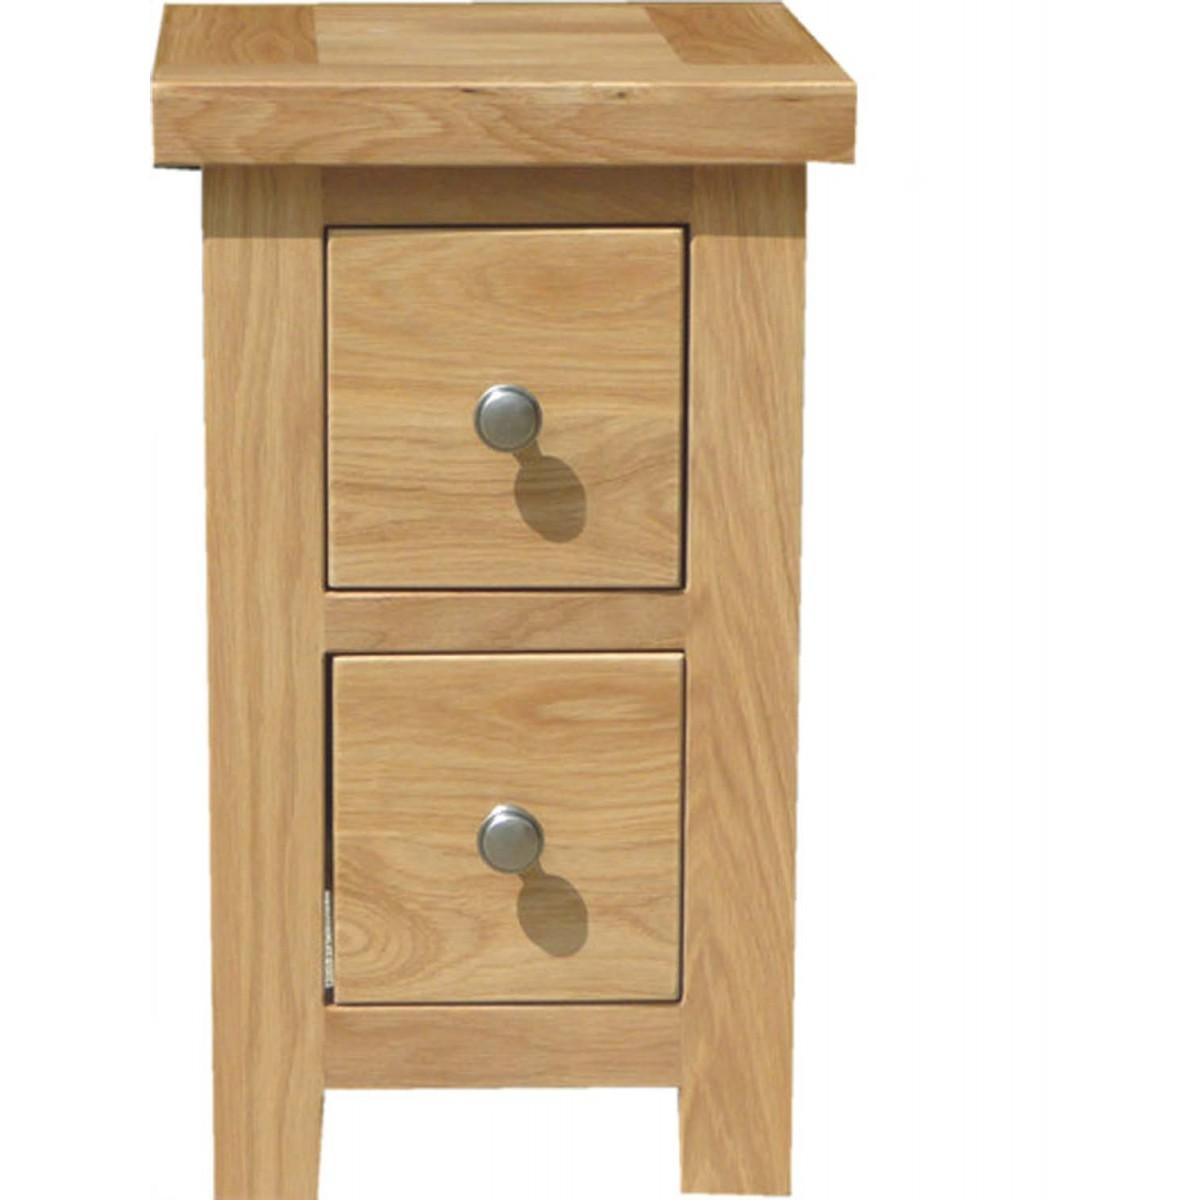 Slim 2 Drawer Bedside Table Bedroom Furniture